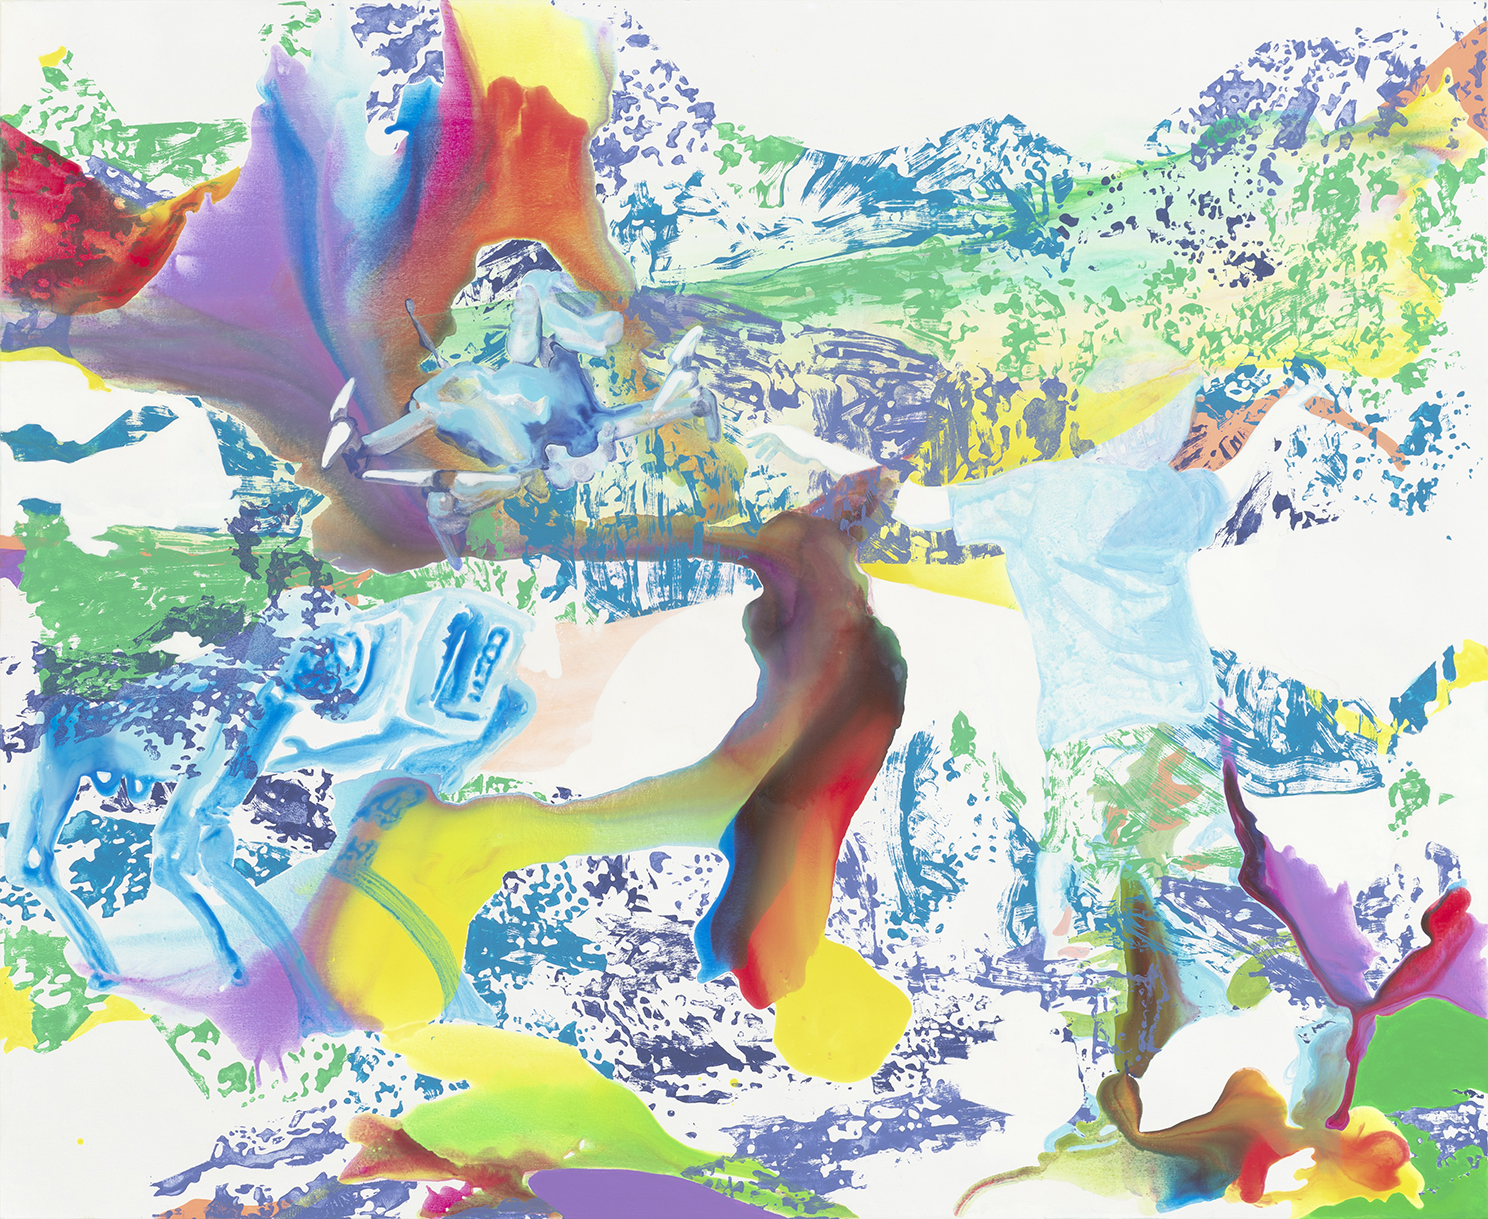 Brave New Friends  | Aquarell, Tusche, Acryl und Linoldruck auf Leinwand | 180 x 220 cm